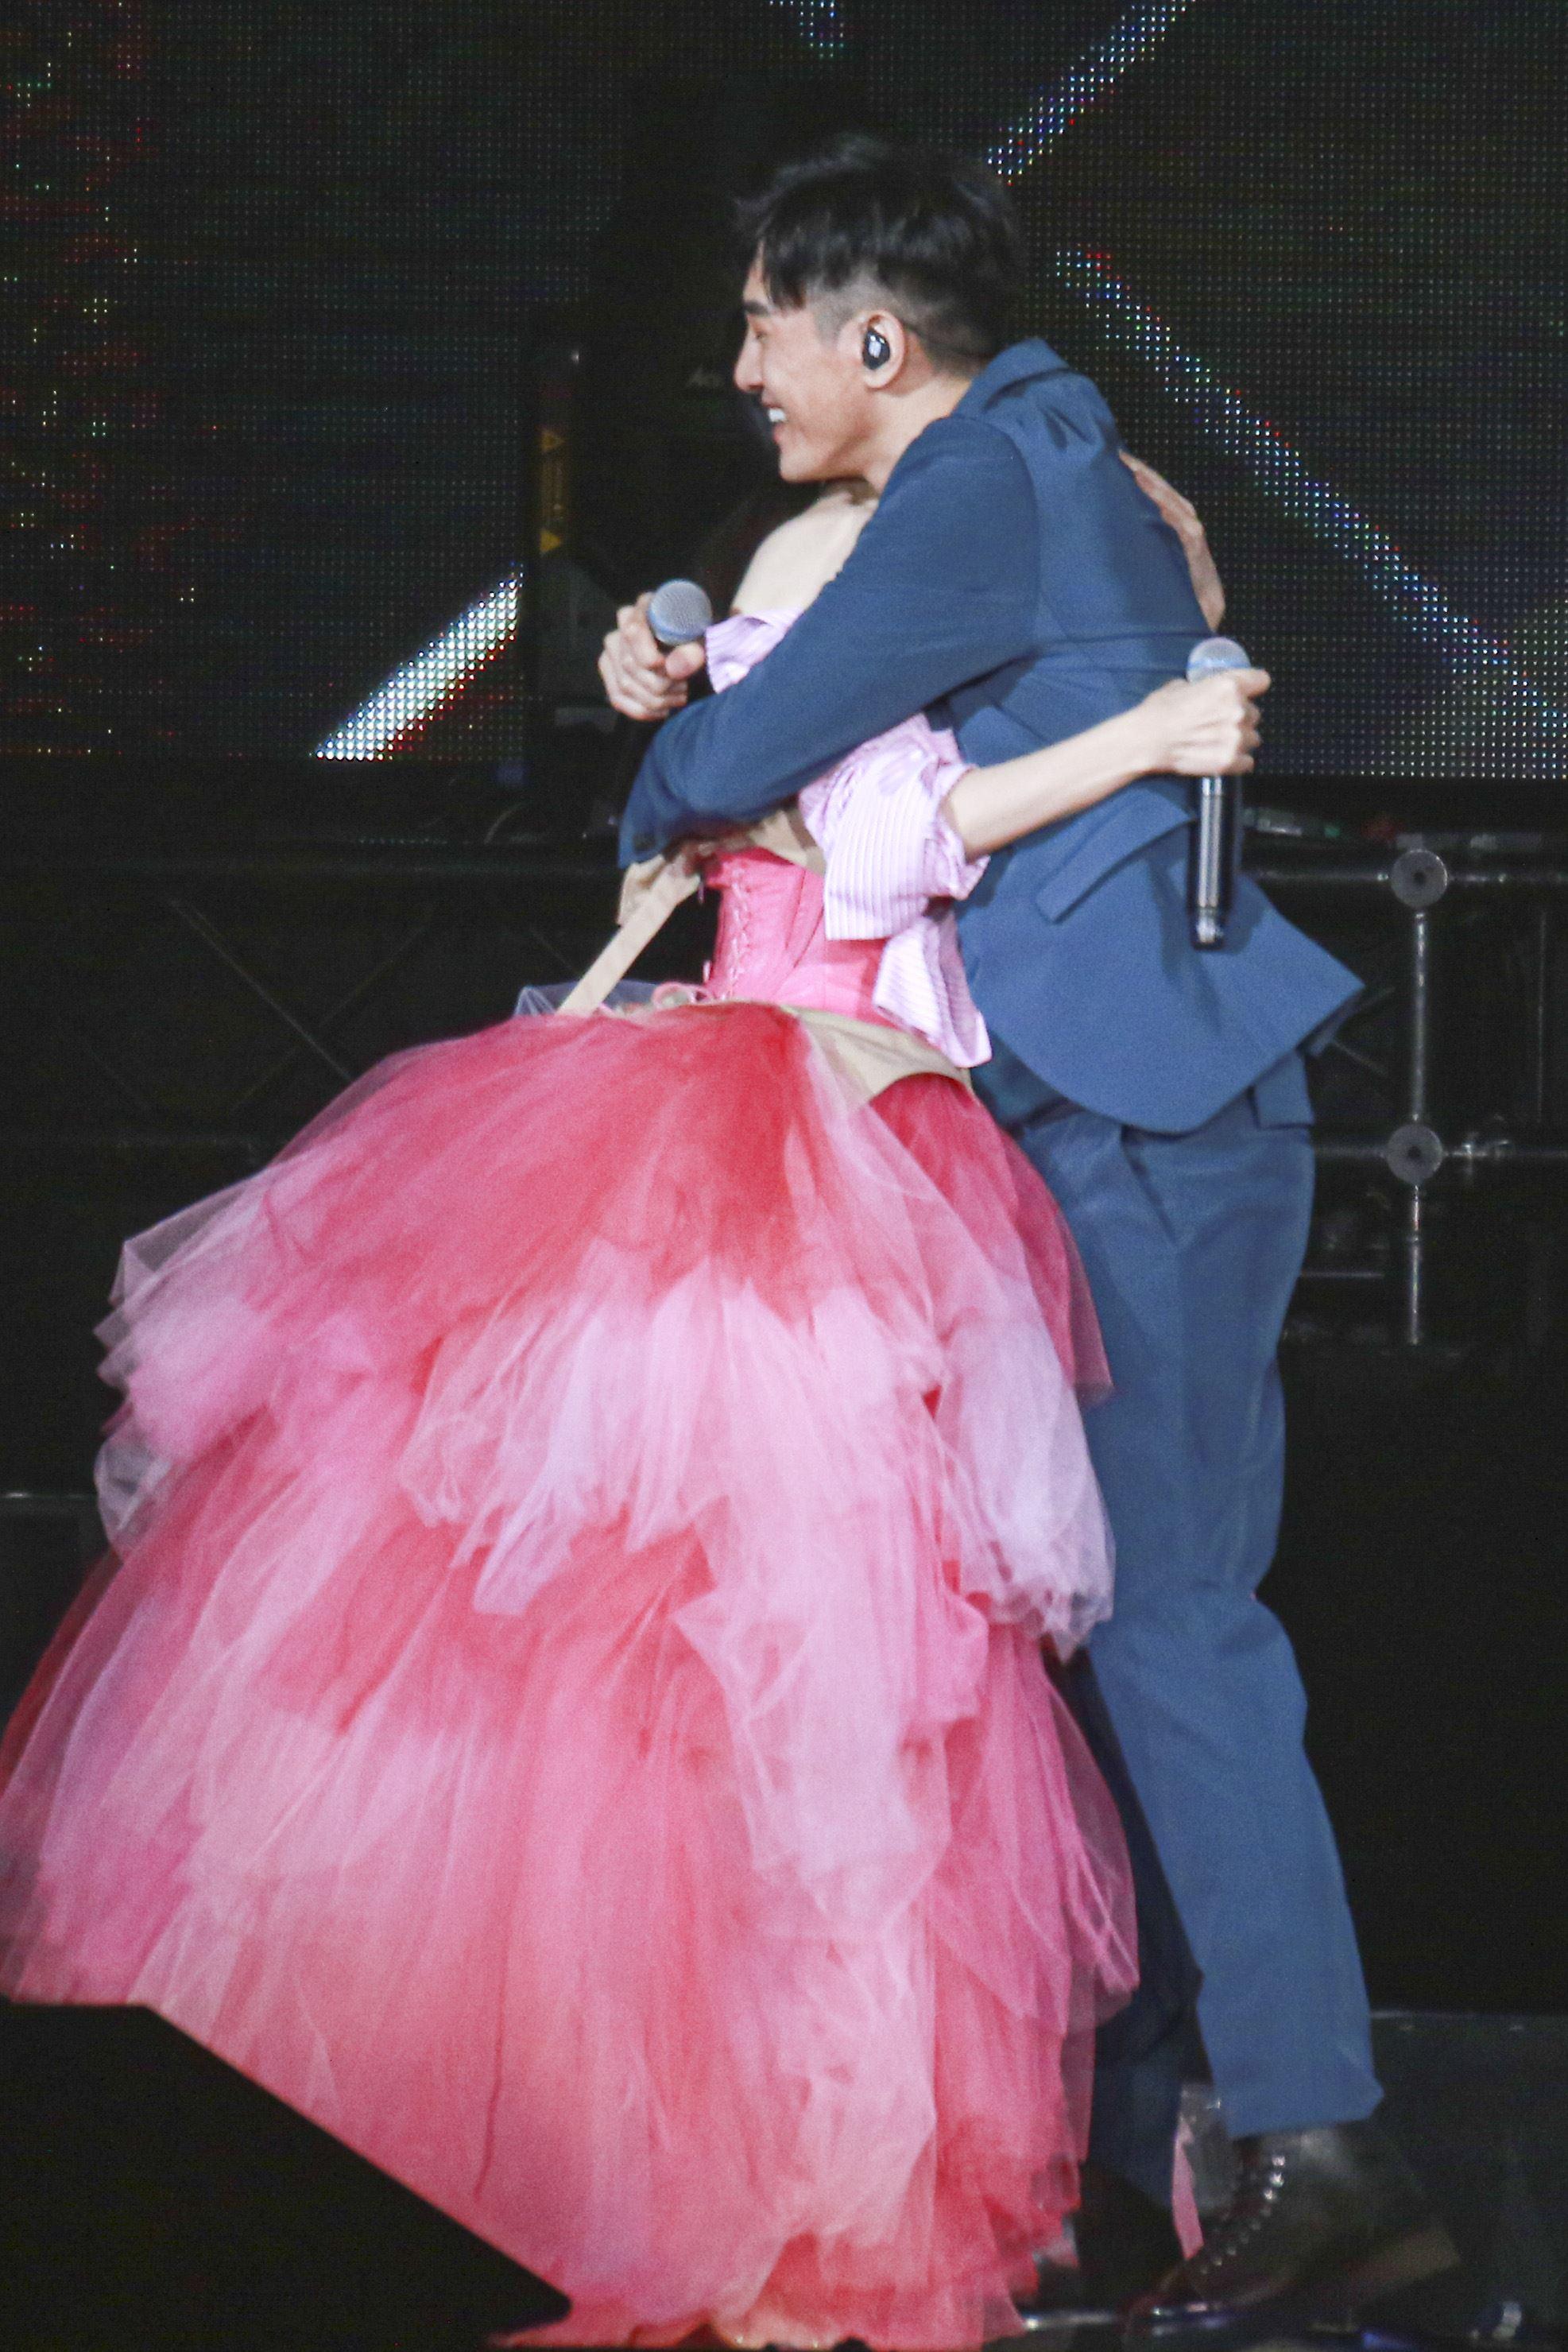 周慧敏「一萬天荒愛未老」出道30周年演唱會,張立昂出席擔任嘉賓 。(圖/記者林士傑攝影)